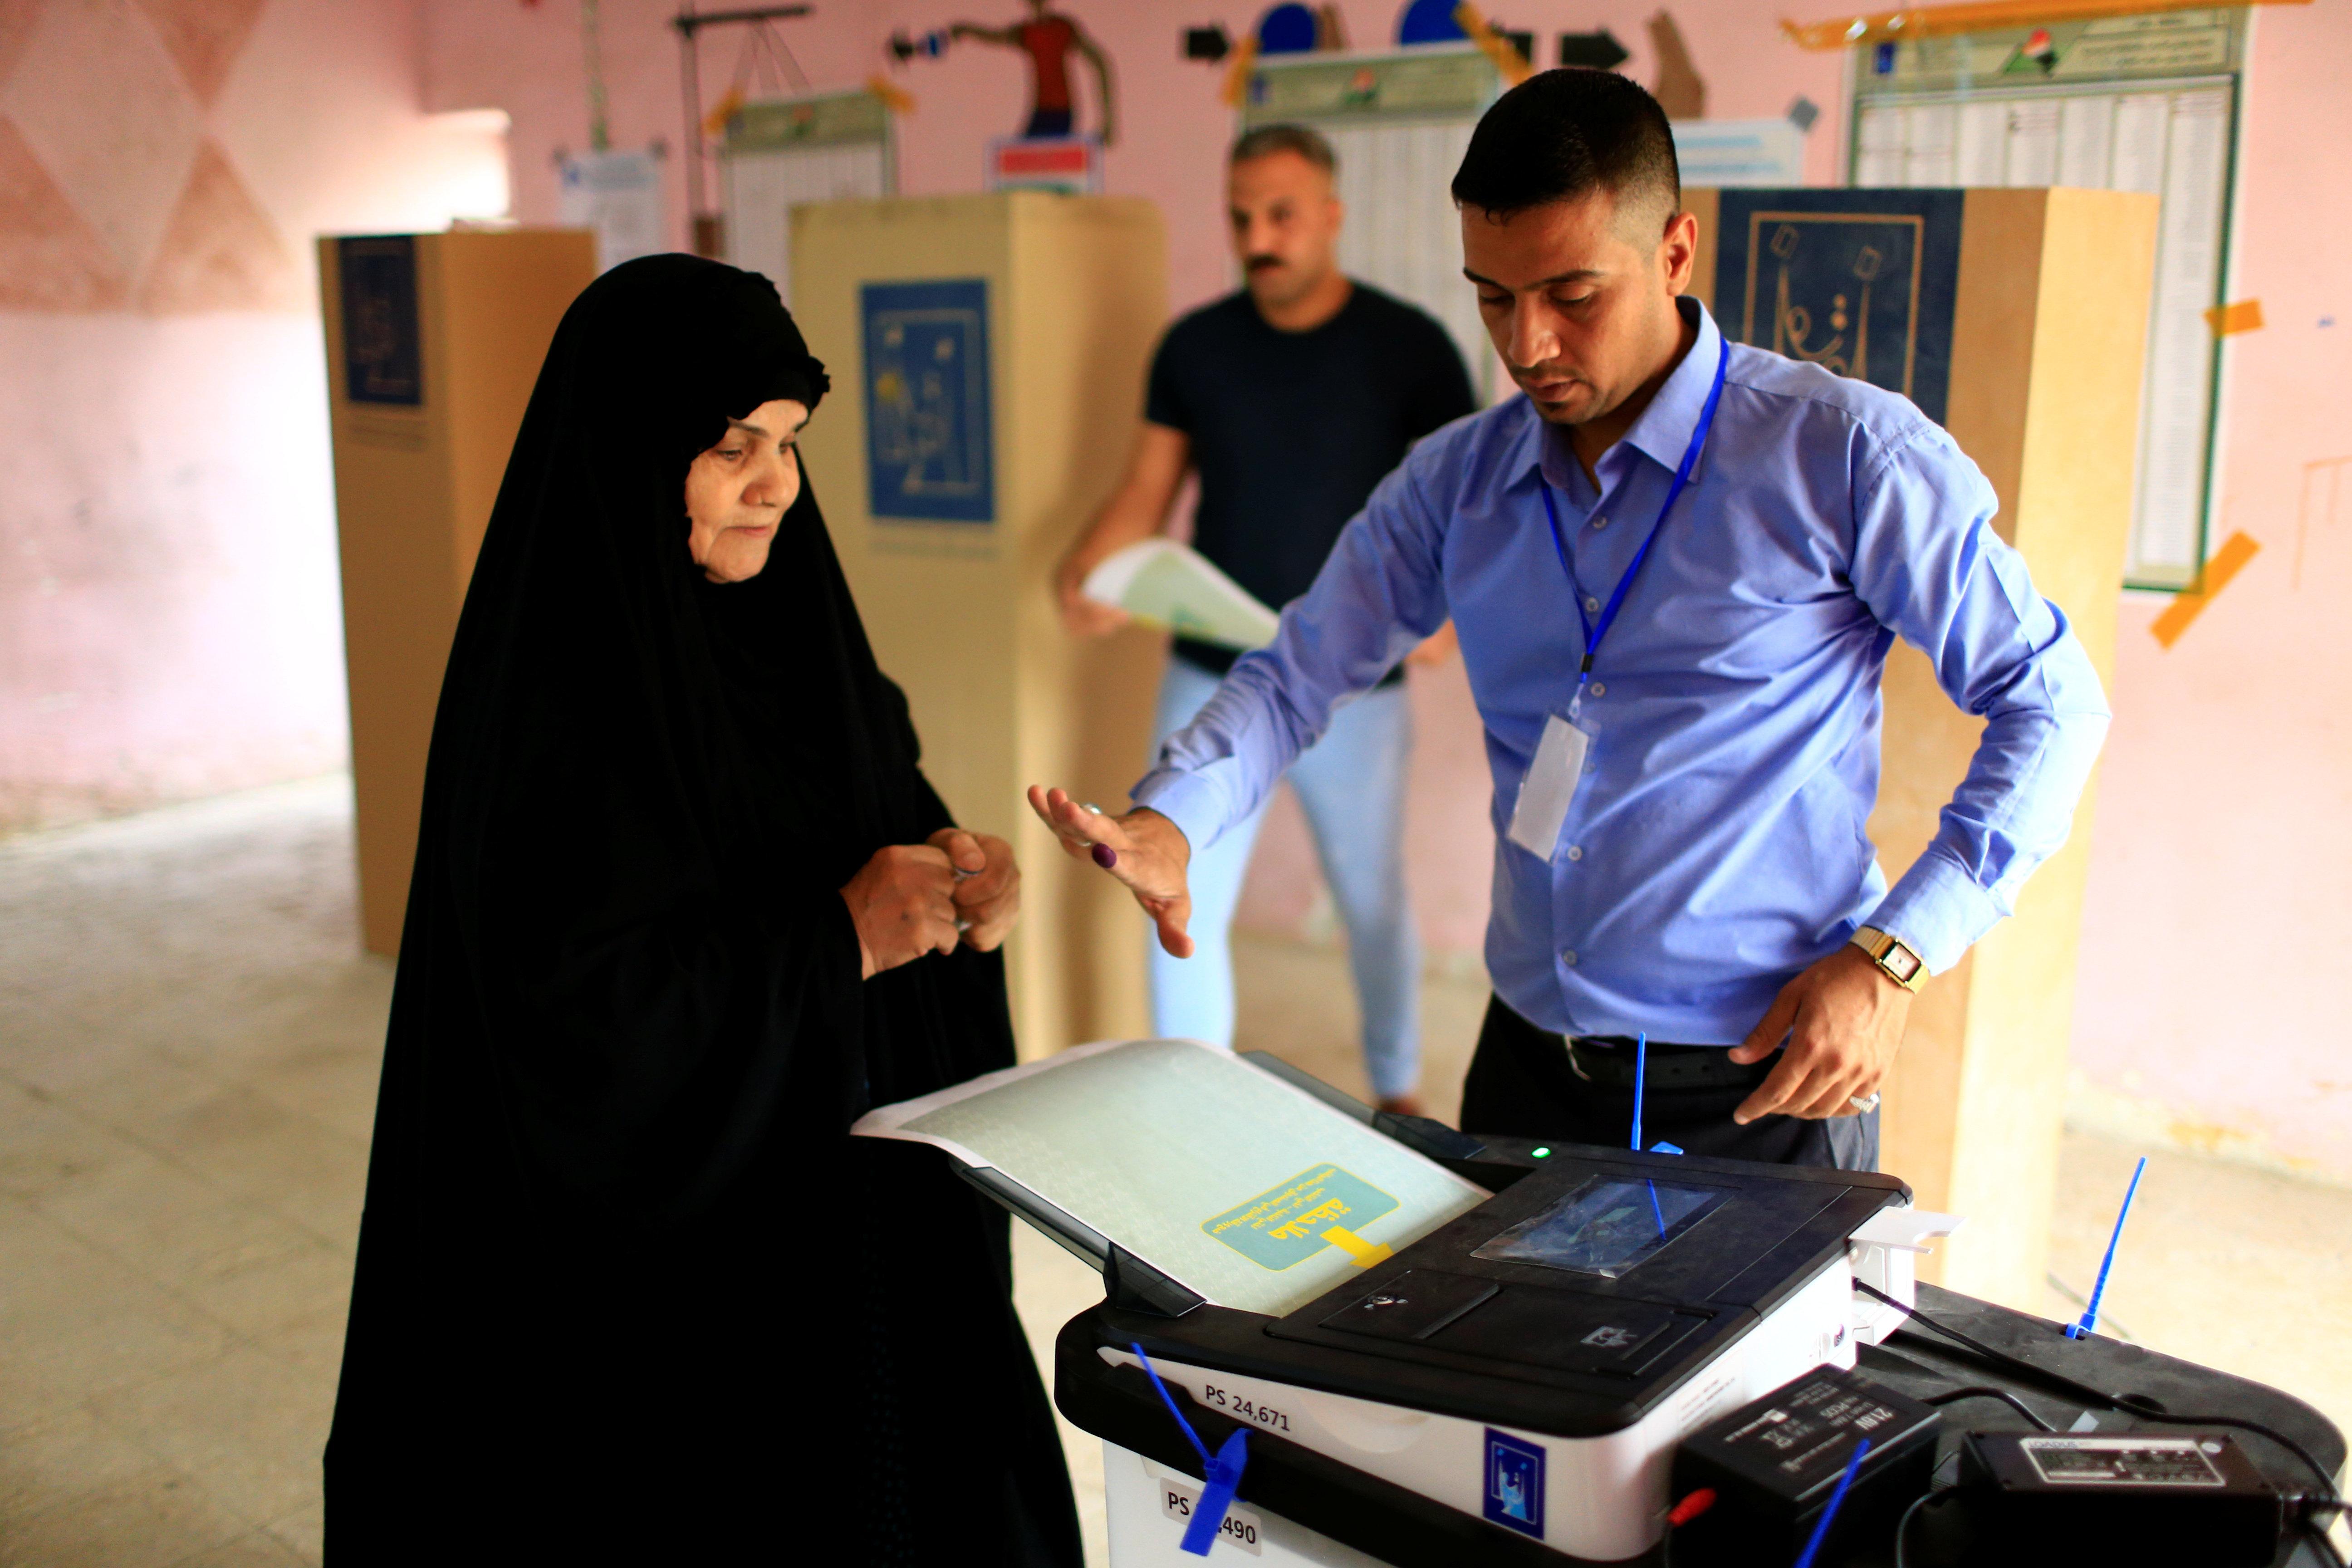 Des élections sur fond de tensions entre Washington et Téhéran — Irak